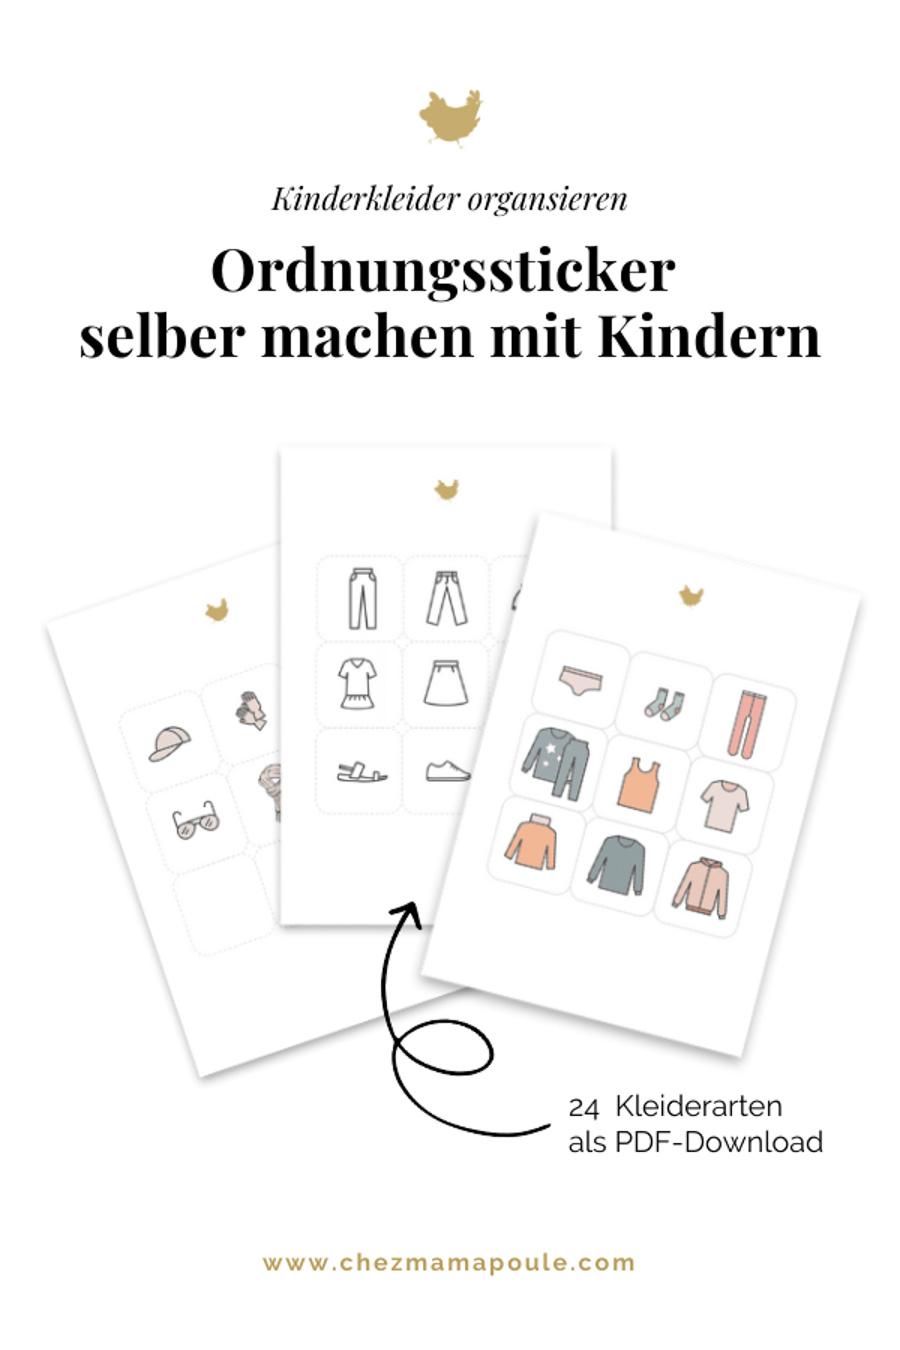 Montessori Druckvorlagen // So wird Aufräumen eine Freude. Ordnungssticker Kinderzimmer download auf chezmamapoule.com